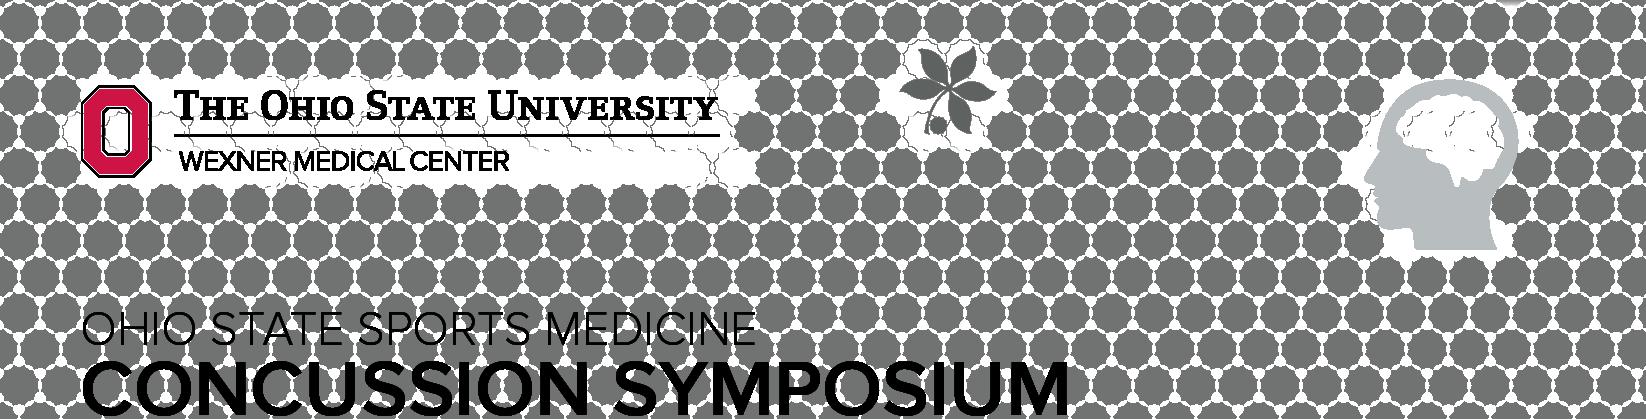 Ohio State Sports Medicine 2018 Concussion Symposium